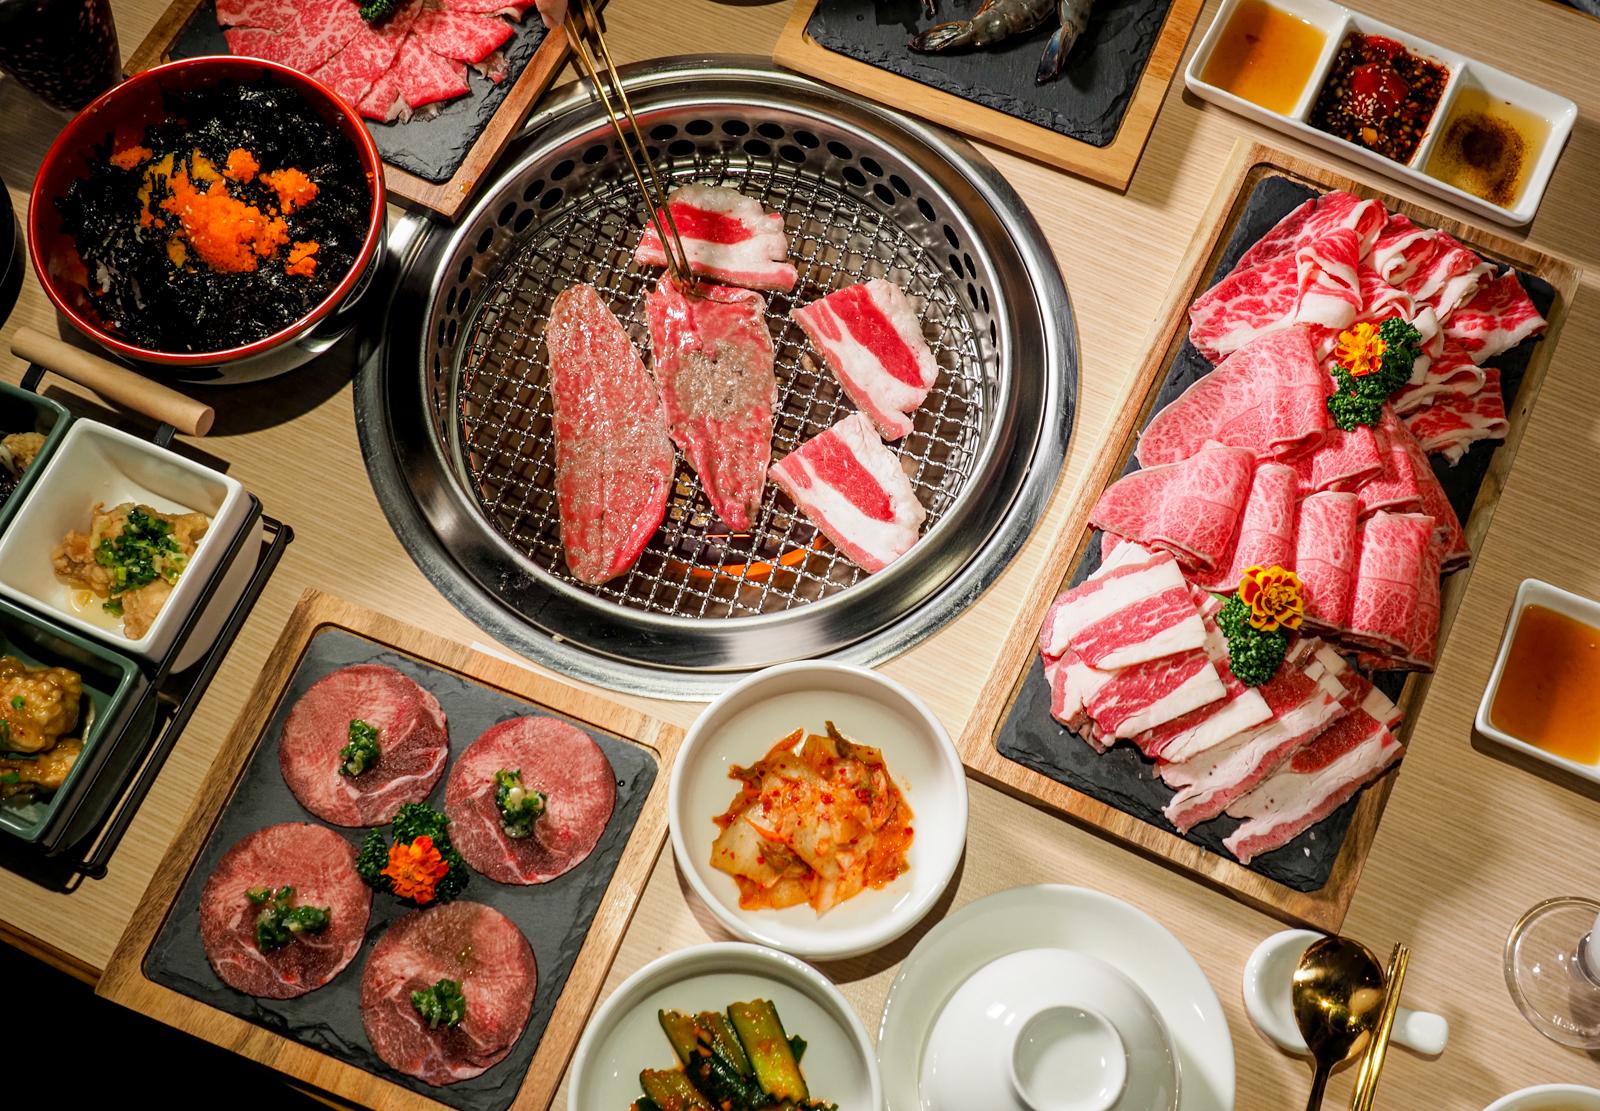 【東區燒肉推薦】小豬樂石忠孝旗艦店 高品質又平價的雙人燒肉套餐 飽到翻肚